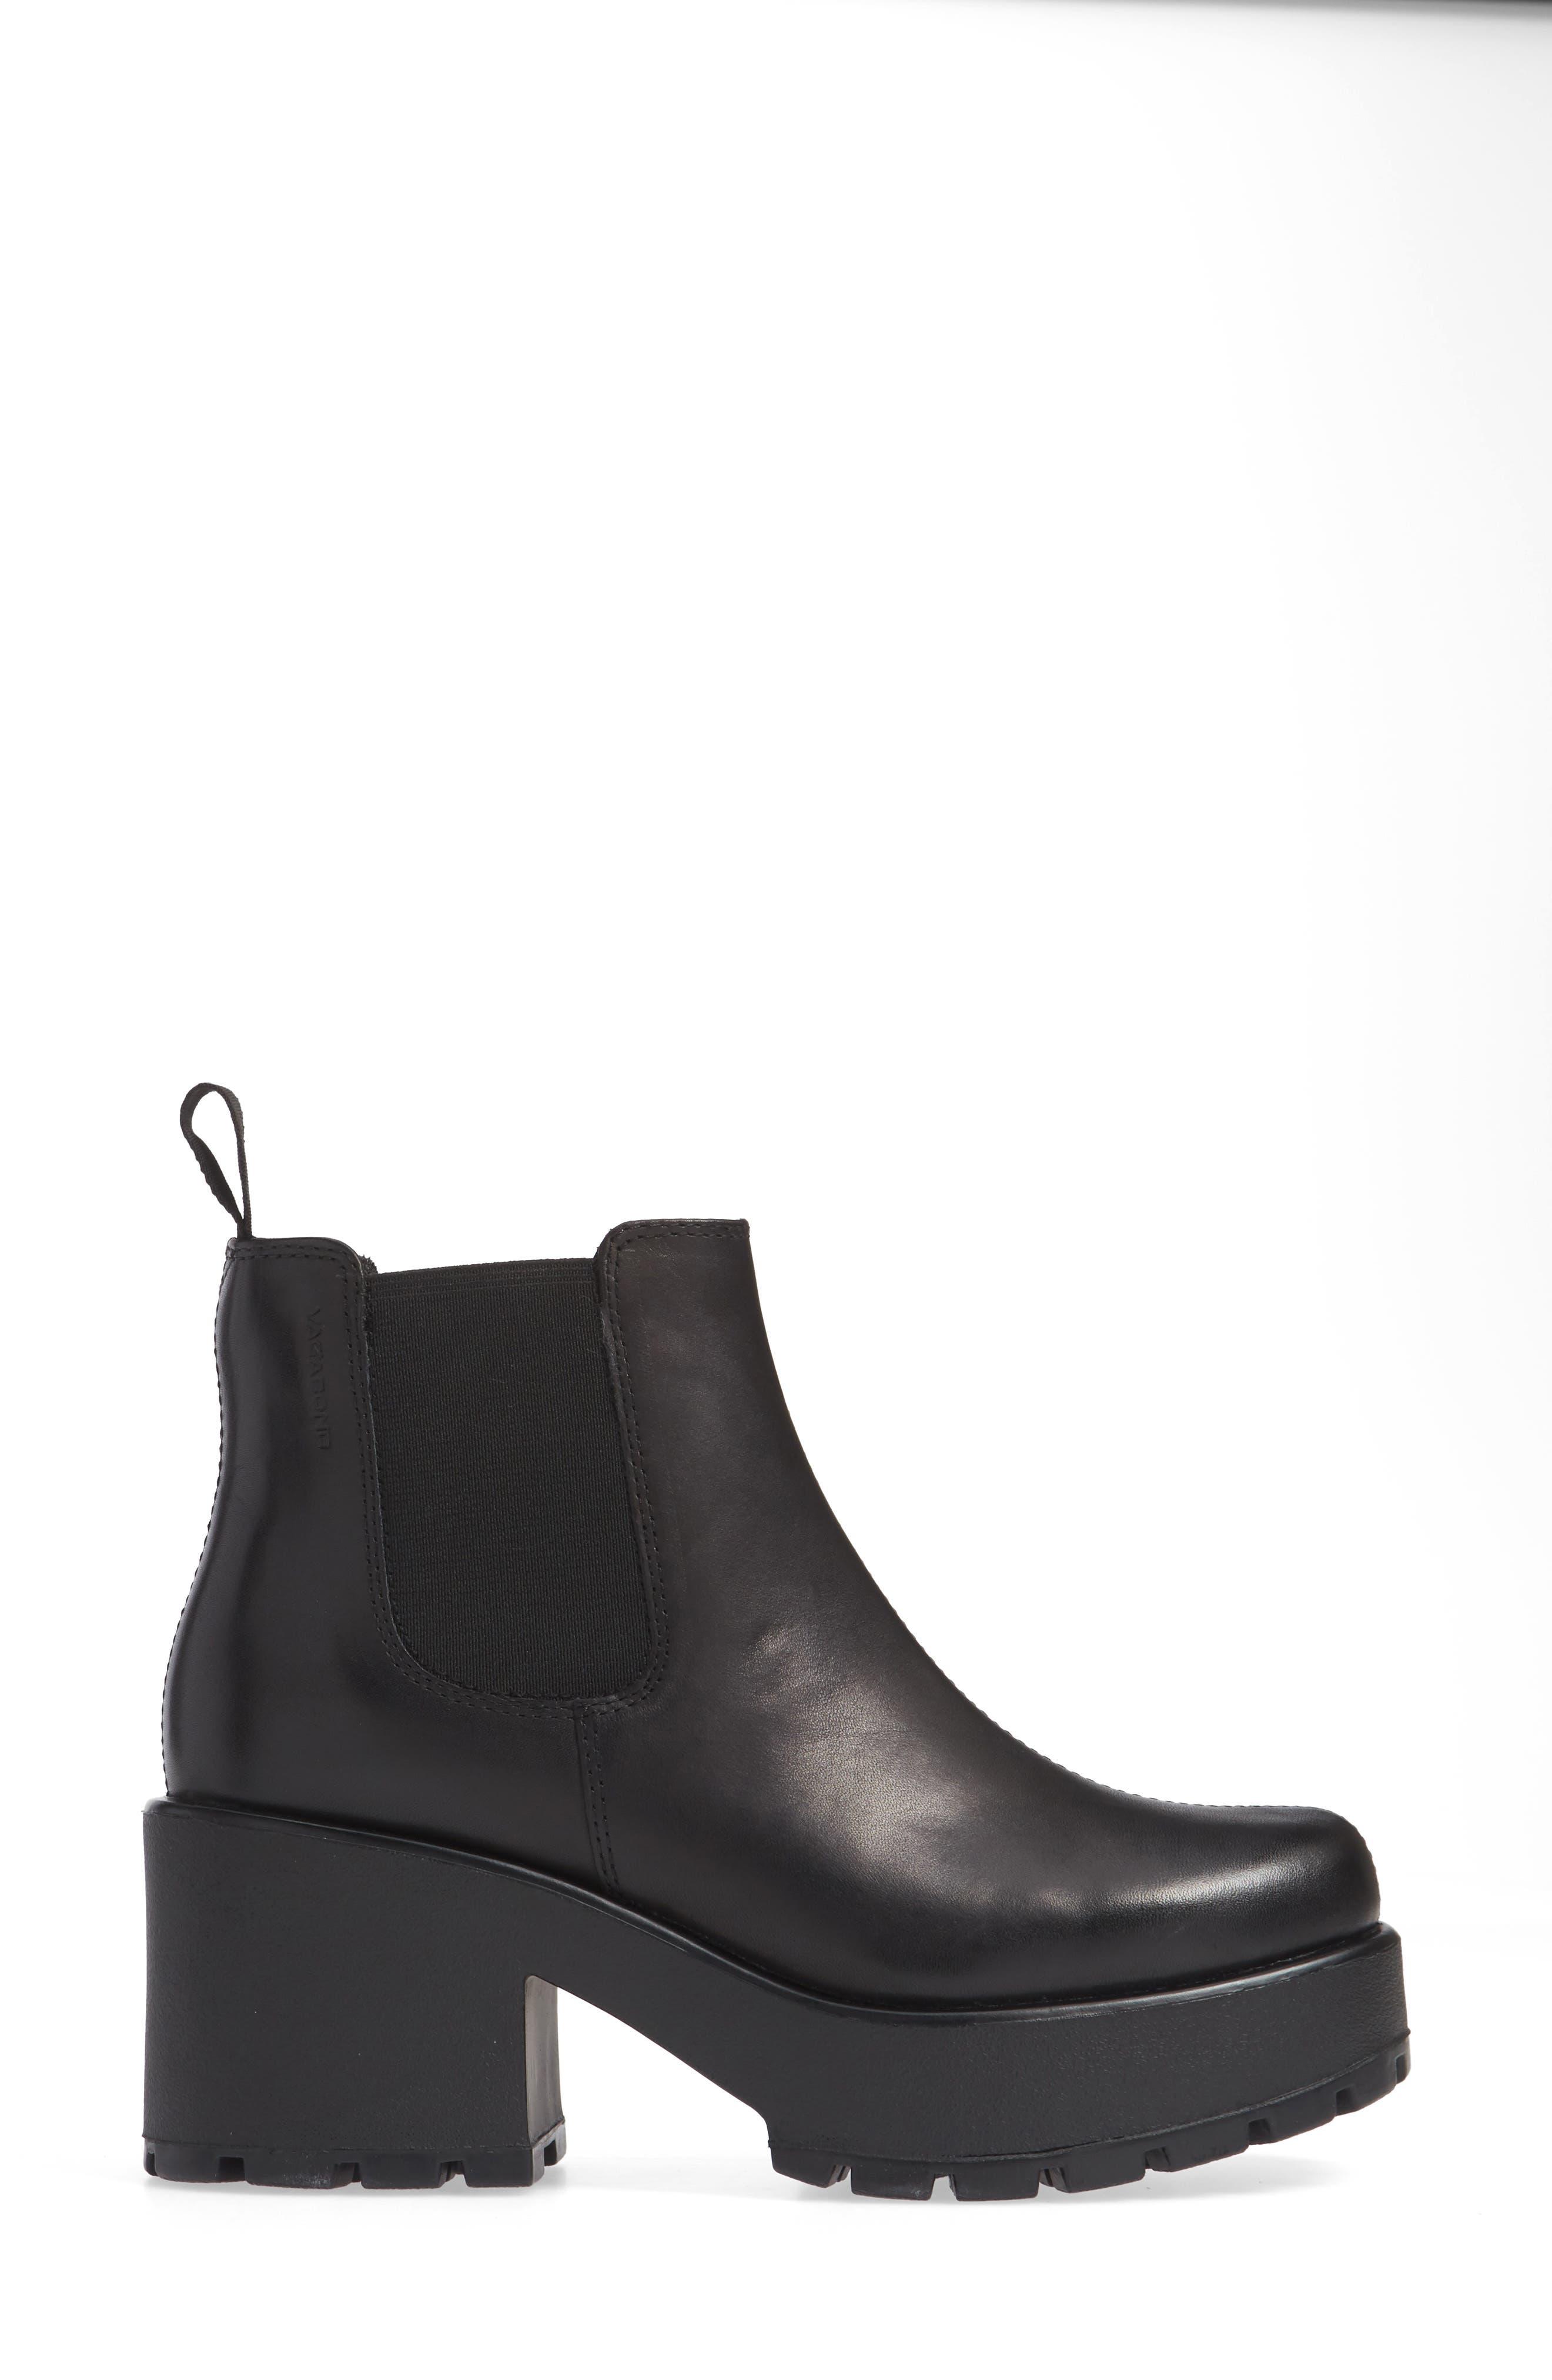 VAGABOND,                             Shoemakers Dioon Platform Chelsea Bootie,                             Alternate thumbnail 3, color,                             BLACK LEATHER